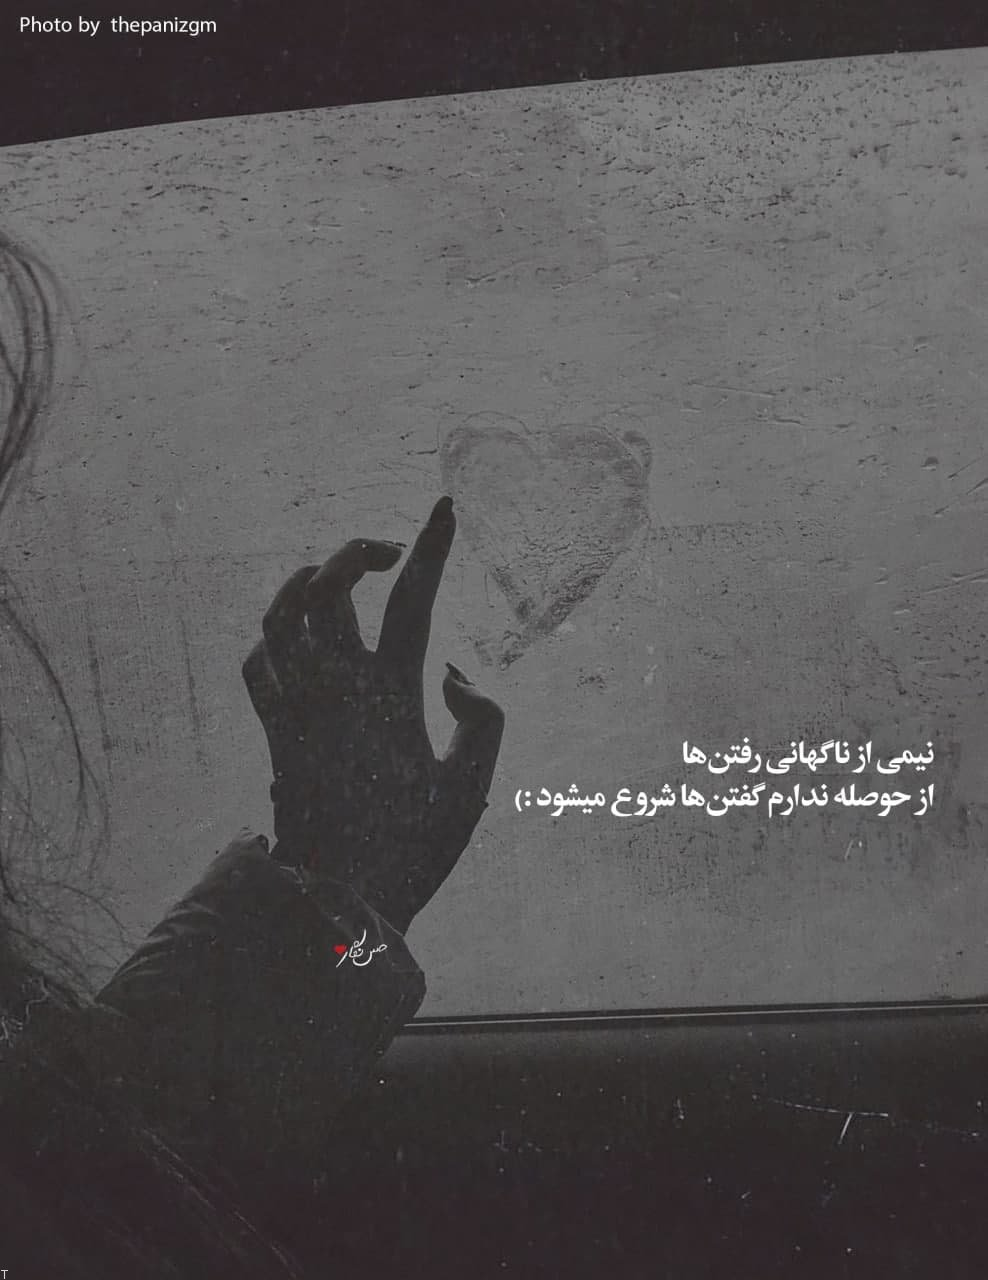 عکس نوشته های عاشقانه خاص با نوشته های زیبا